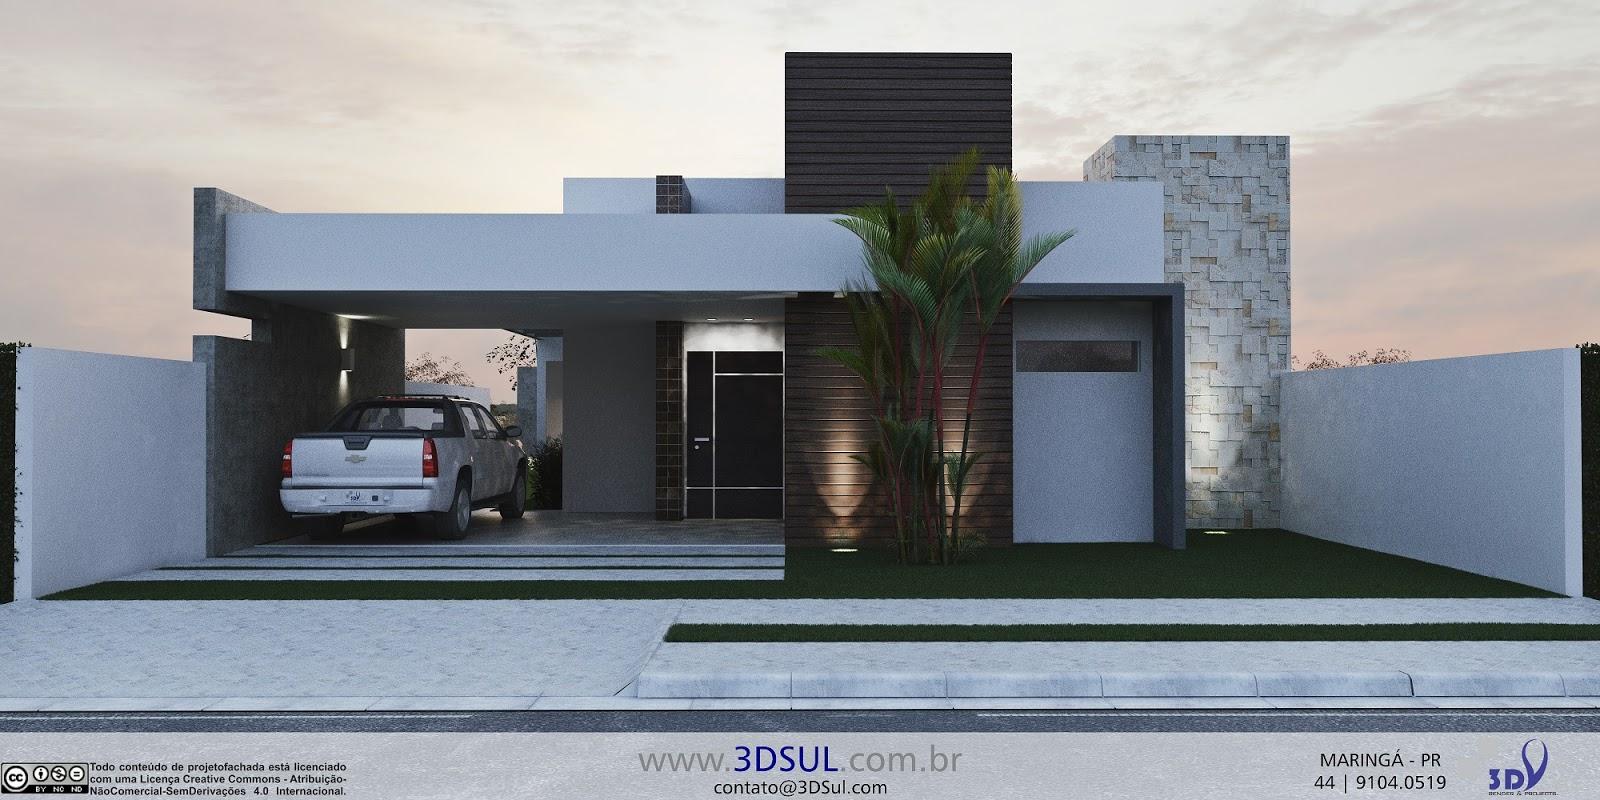 3dsul maquete eletr nica 3d projeto arquitetonico 3d for Casa moderna kw